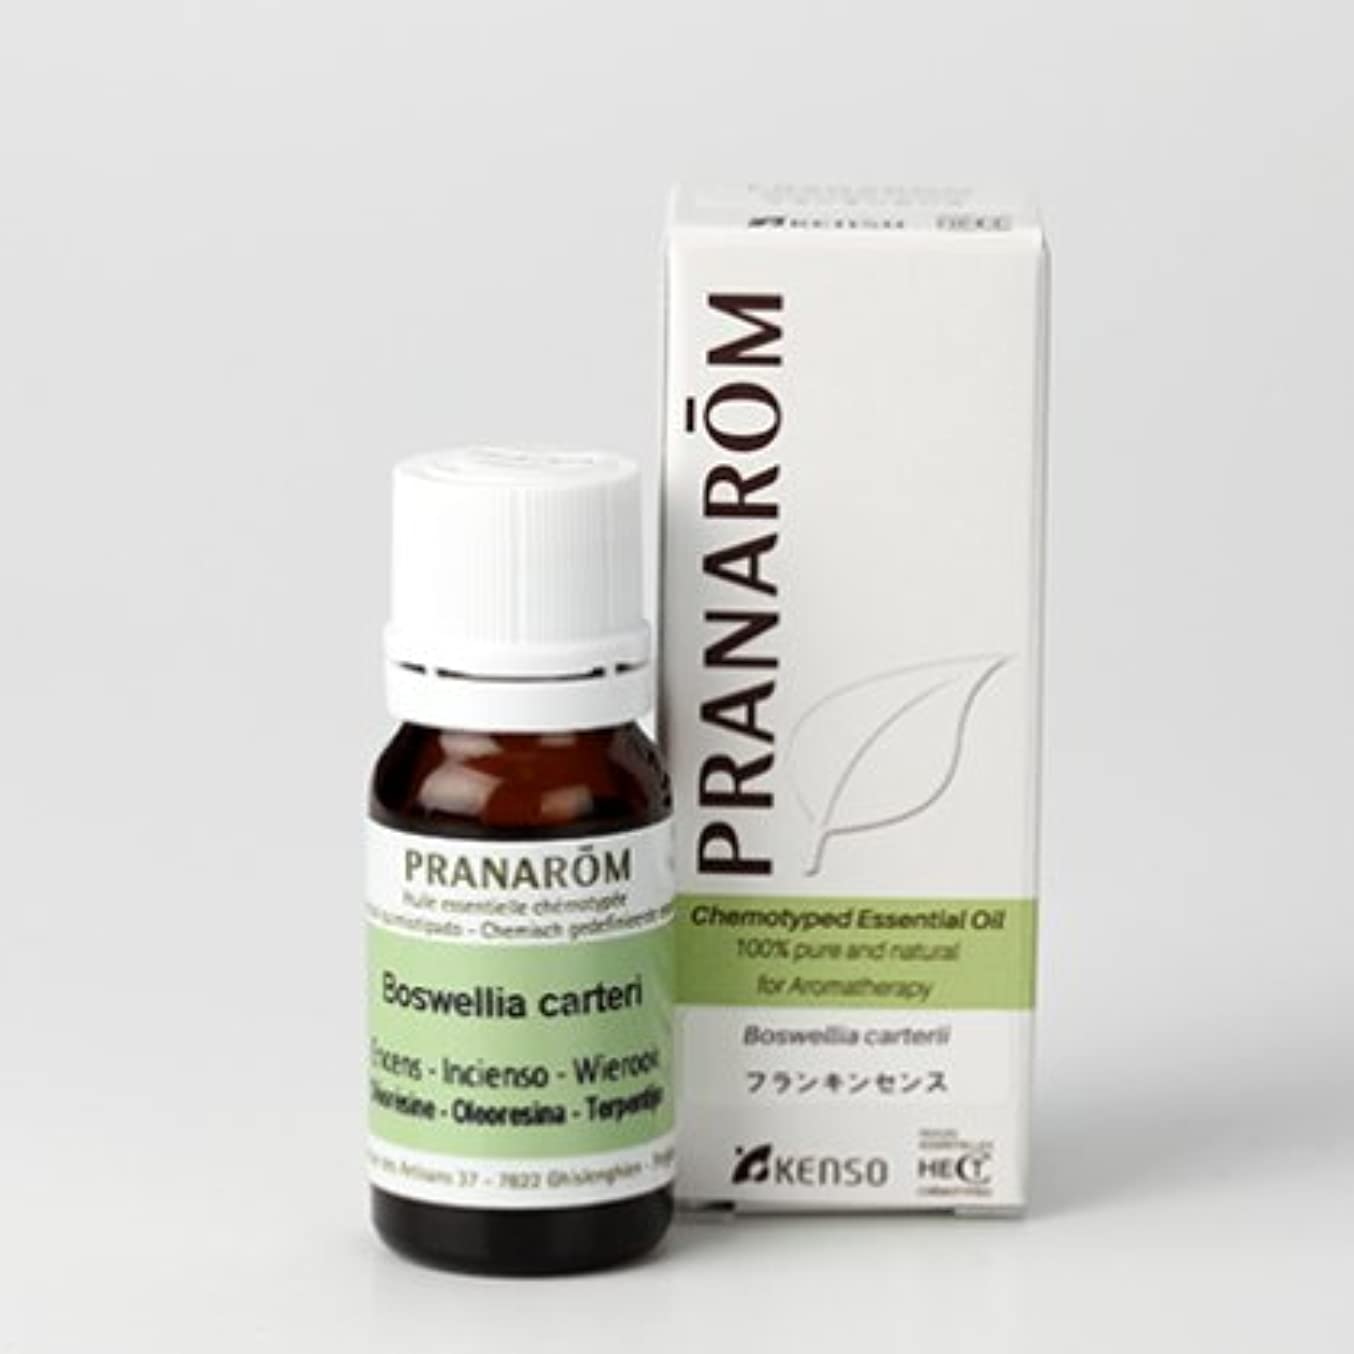 ポンペイ遠征確認フランキンセンス 10mlミドルノート プラナロム社エッセンシャルオイル(精油)